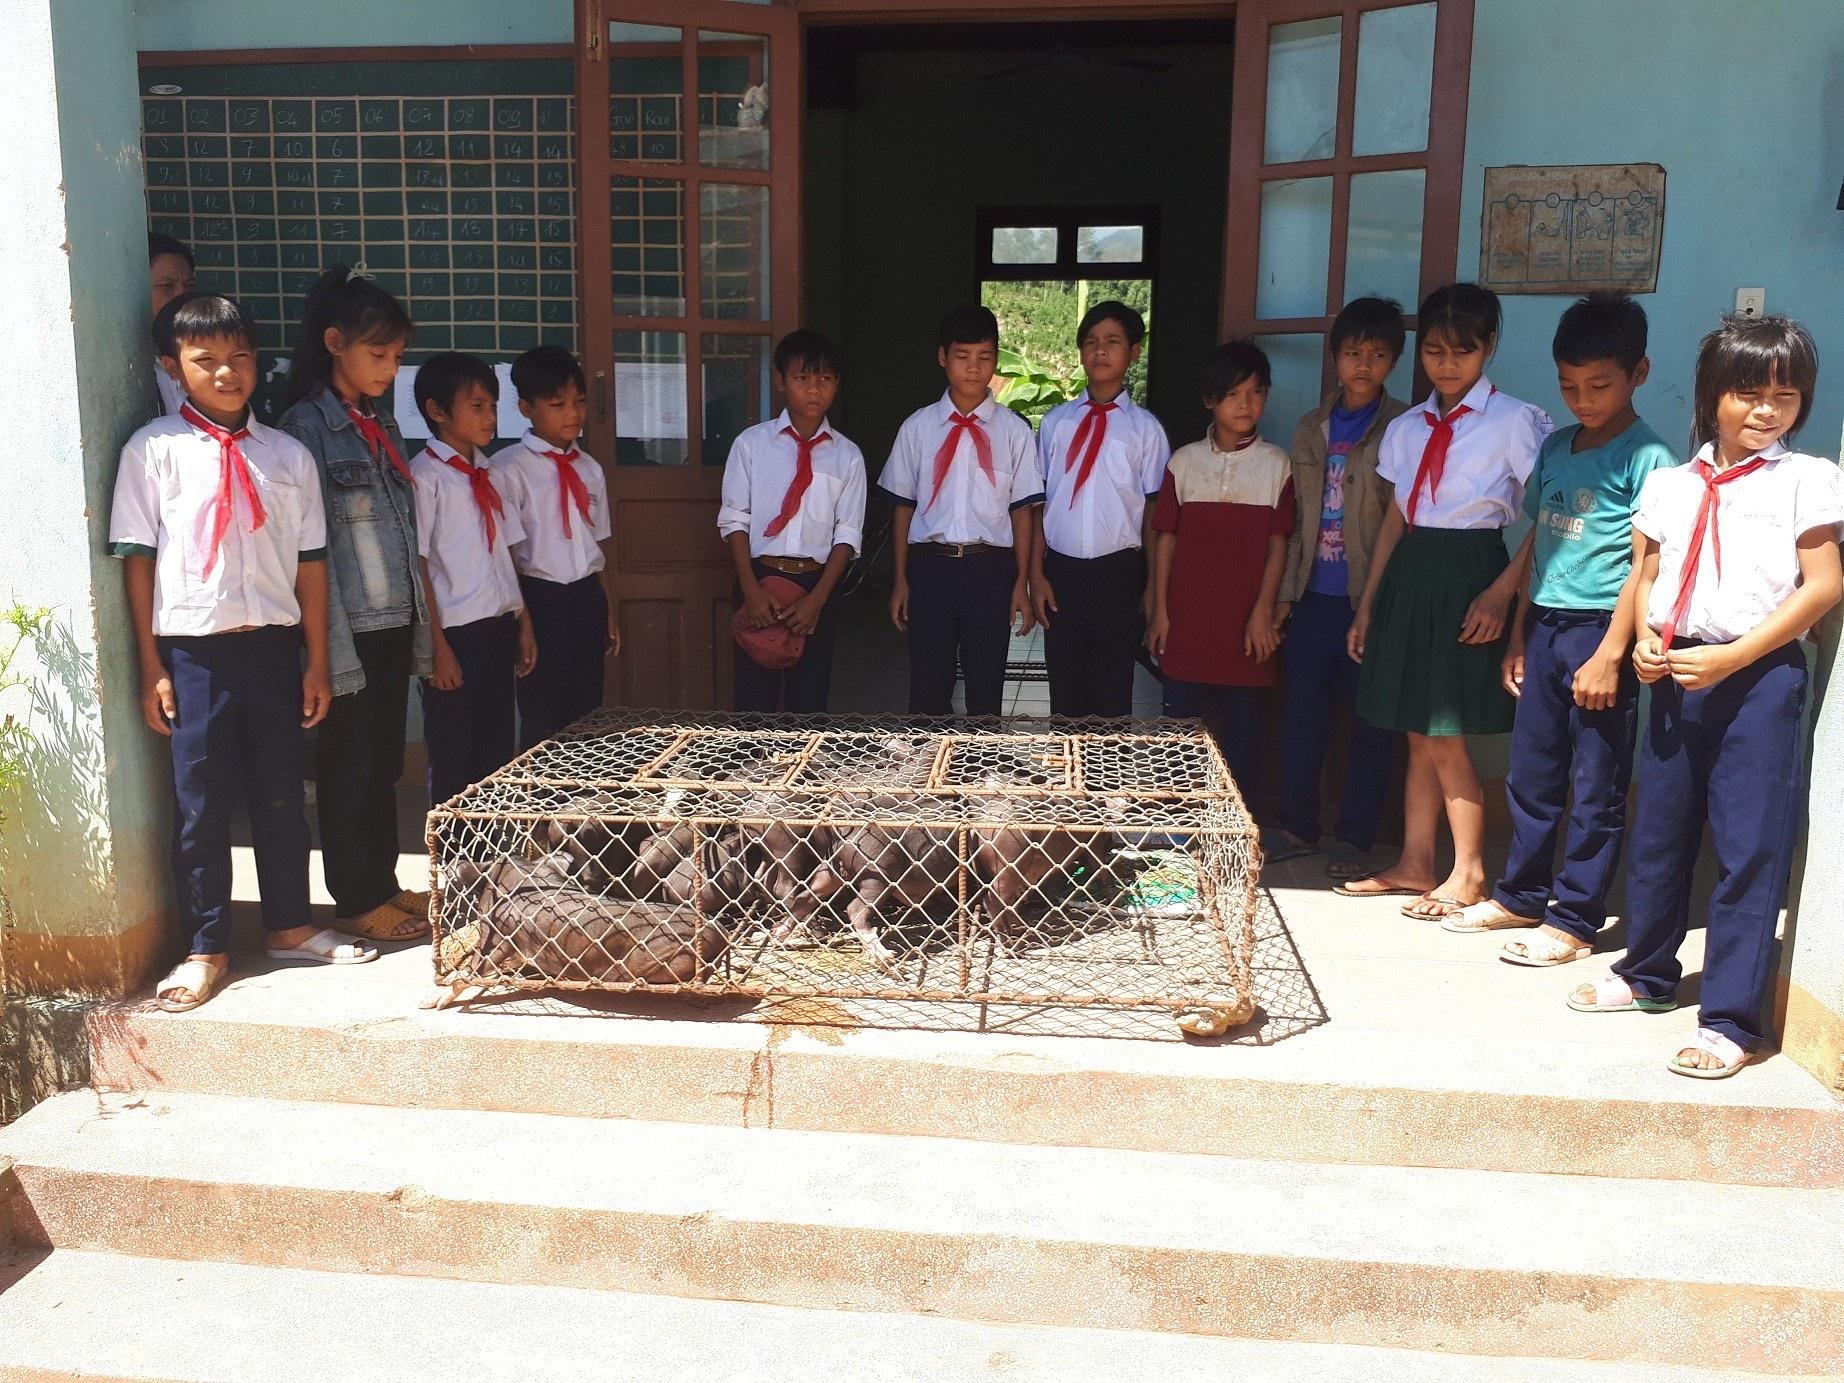 Trường vùng cao nuôi heo, gà, rau cải thiện bữa ăn cho các em - Ảnh 1.